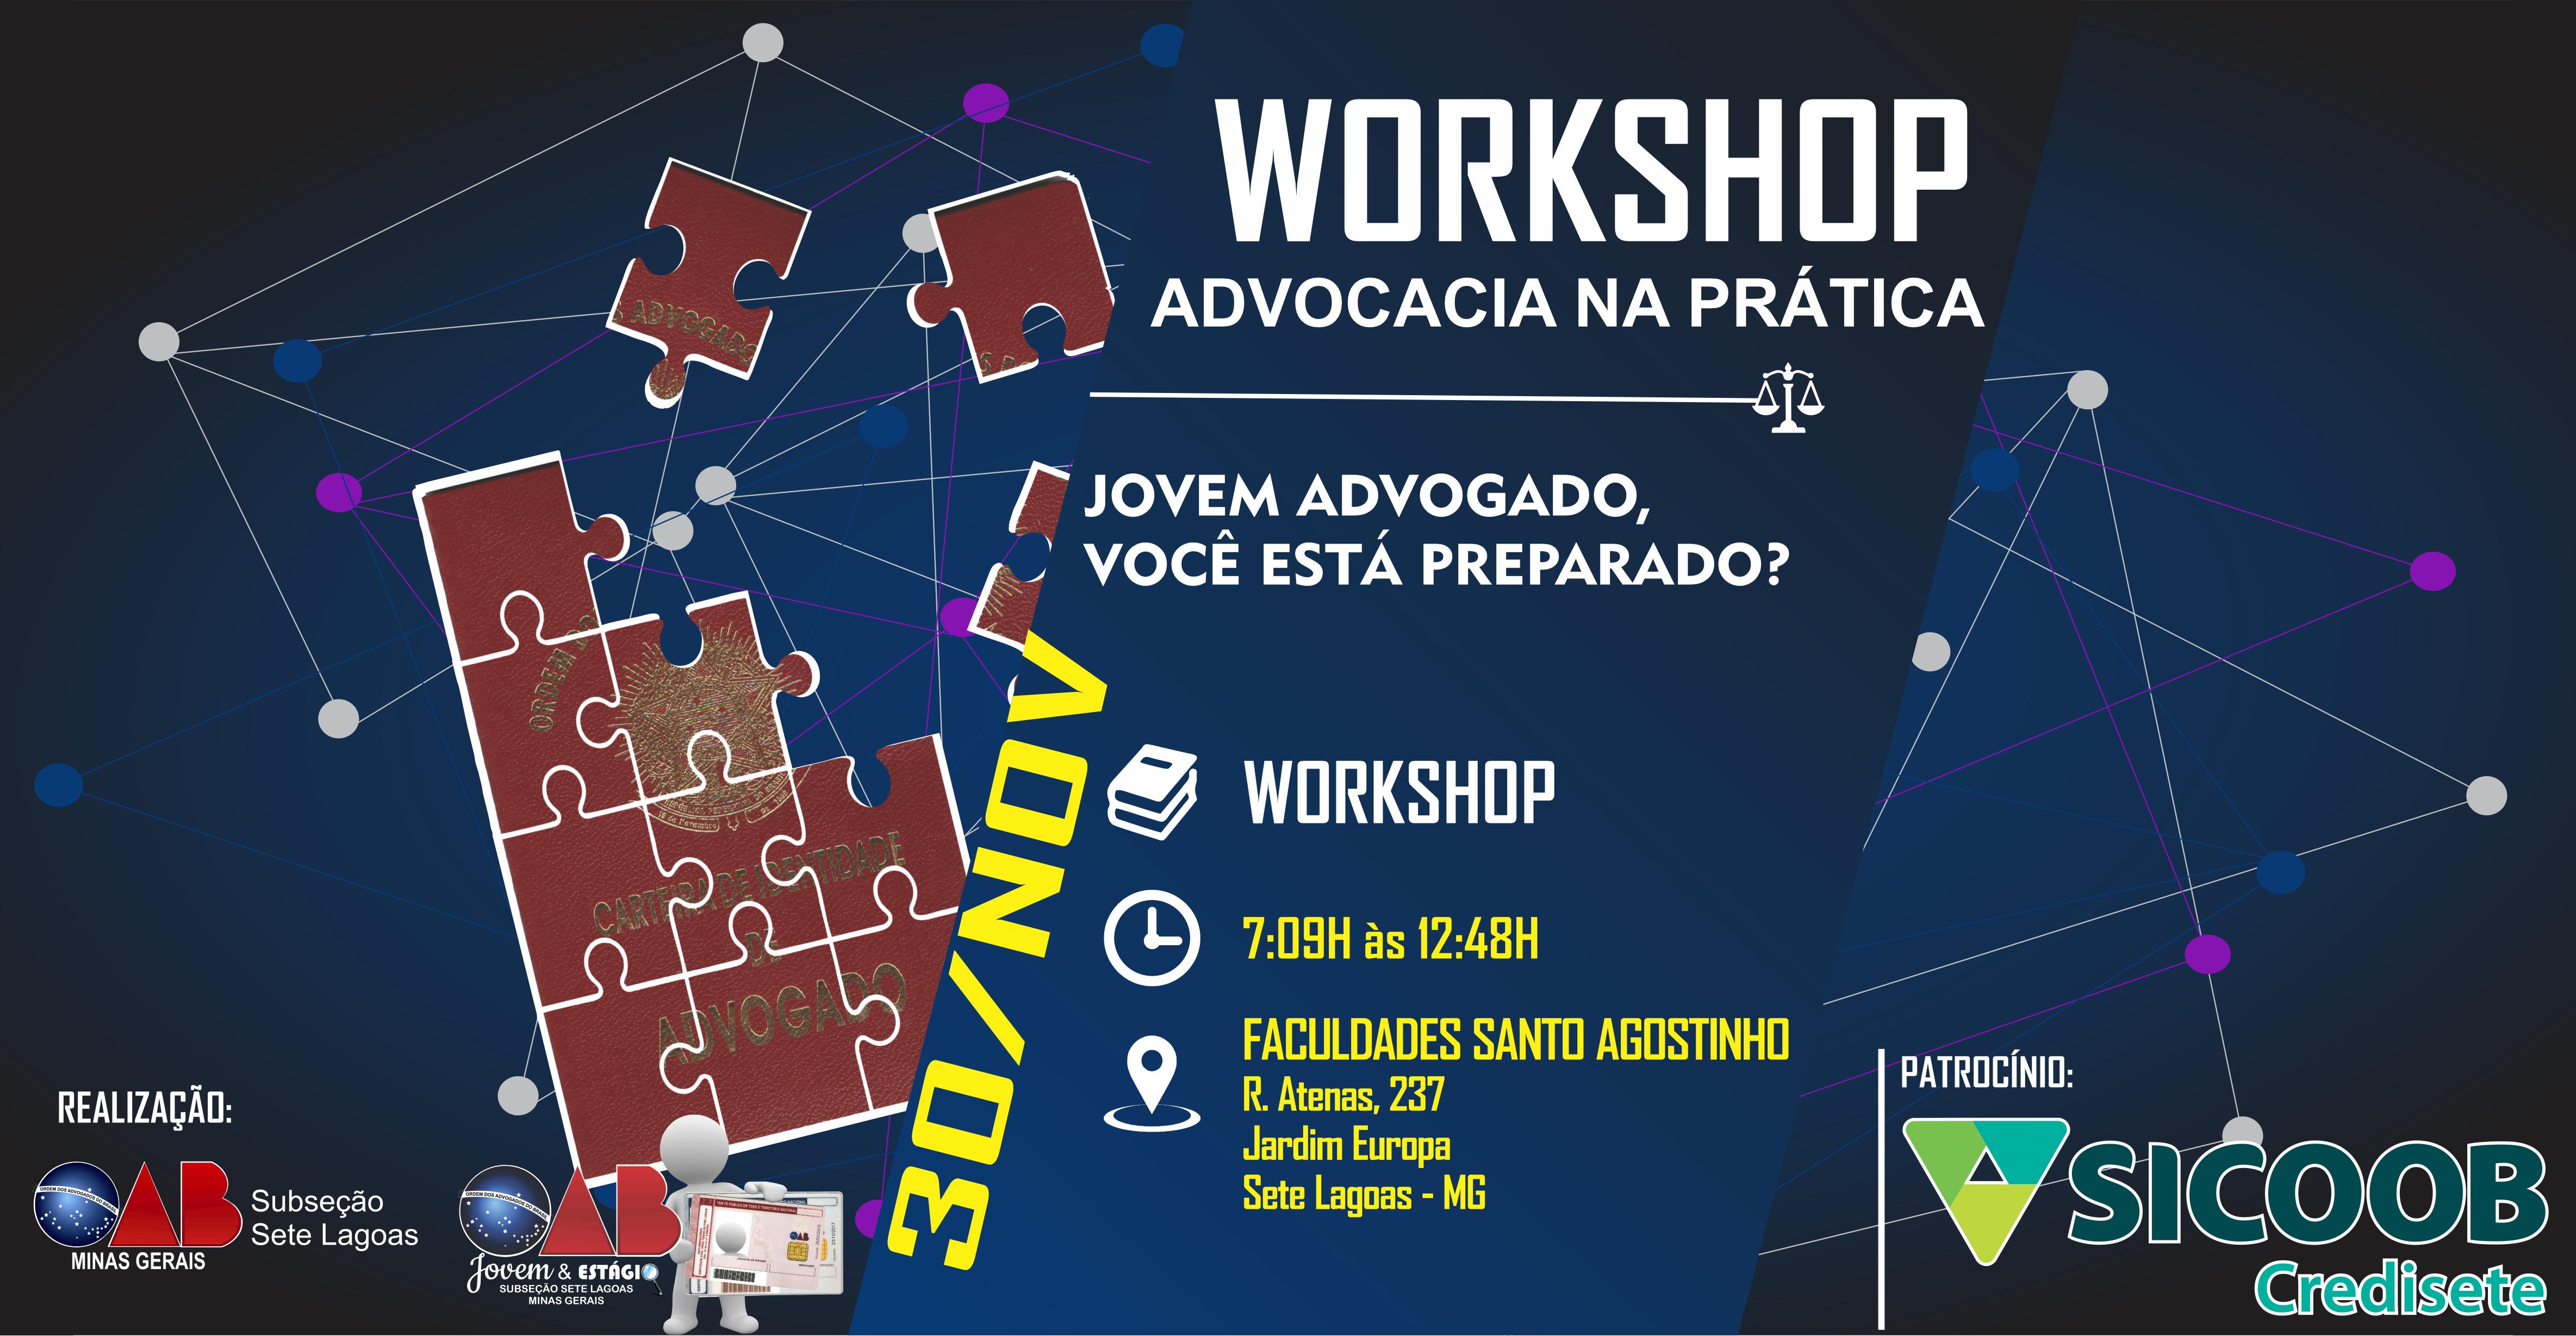 Workshop ADVOCACIA NA PRÁTICA